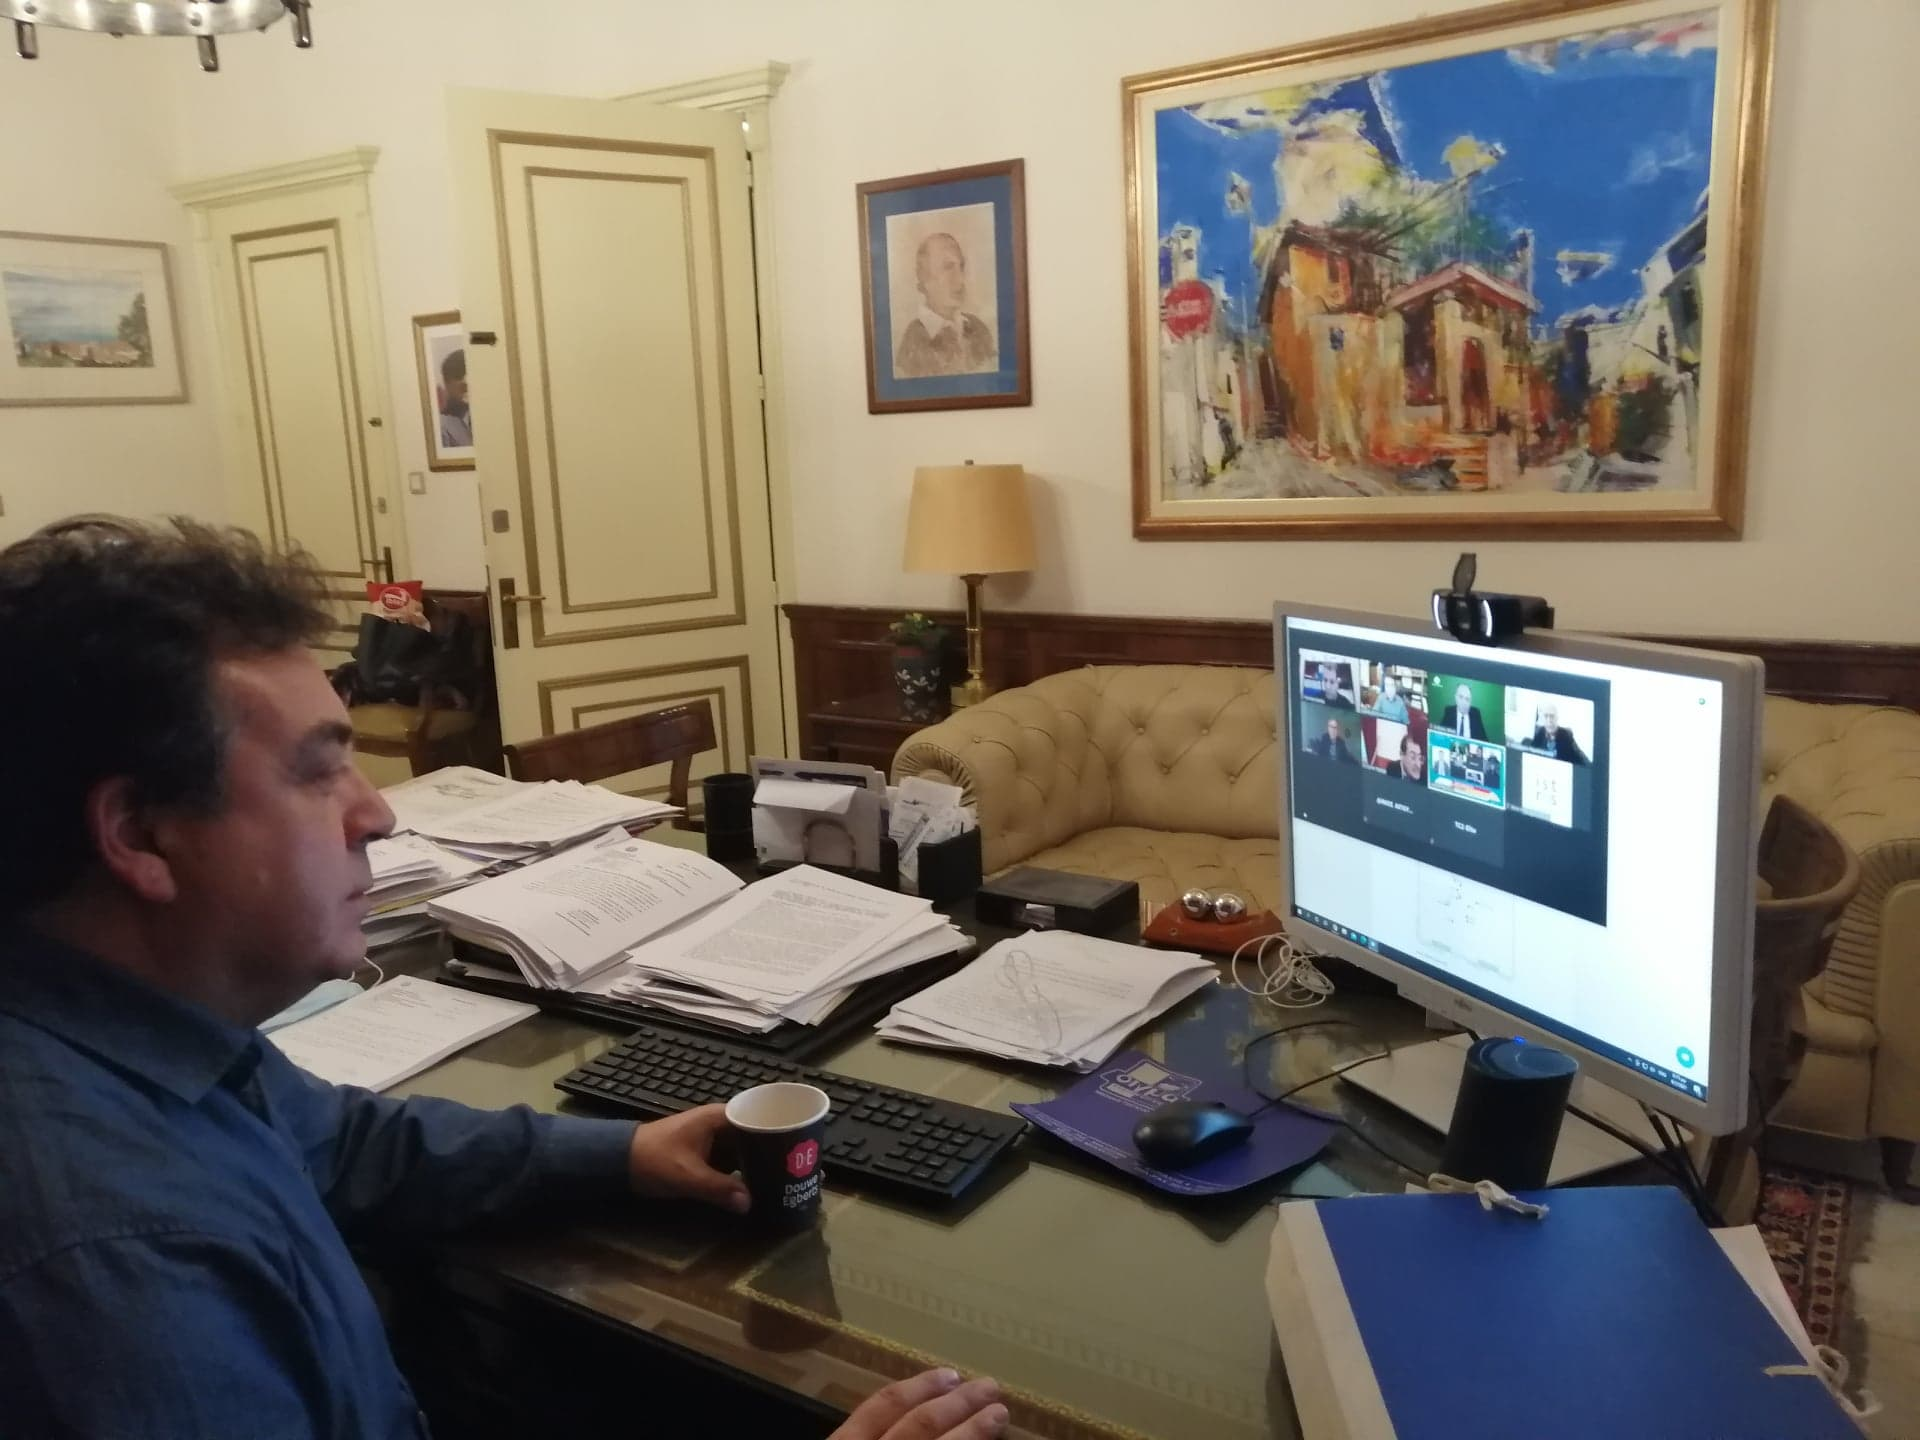 """Δήμαρχος Πύργου Παν. Αντωνακόπουλος: """"Απαιτείται διεύρυνση αρμοδιοτήτων στην κατεύθυνση καταξίωσης της Αυτοδιοίκησης ως Αναπτυξιακός και Κοινωνικός θεσμός"""""""